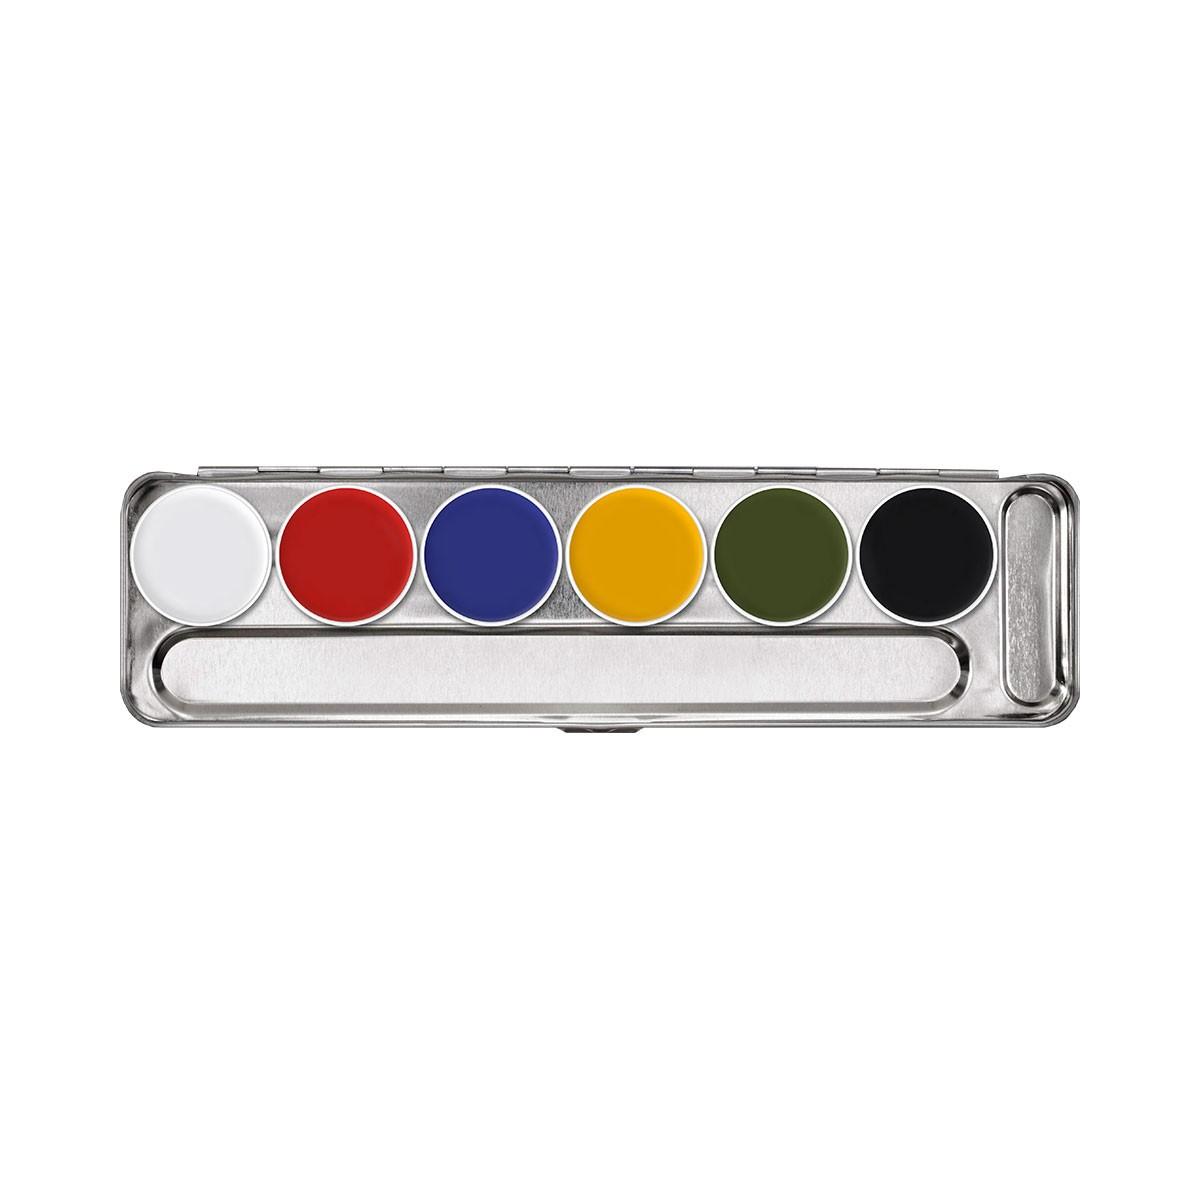 Supracolor tavolozza Metallo 6 colori